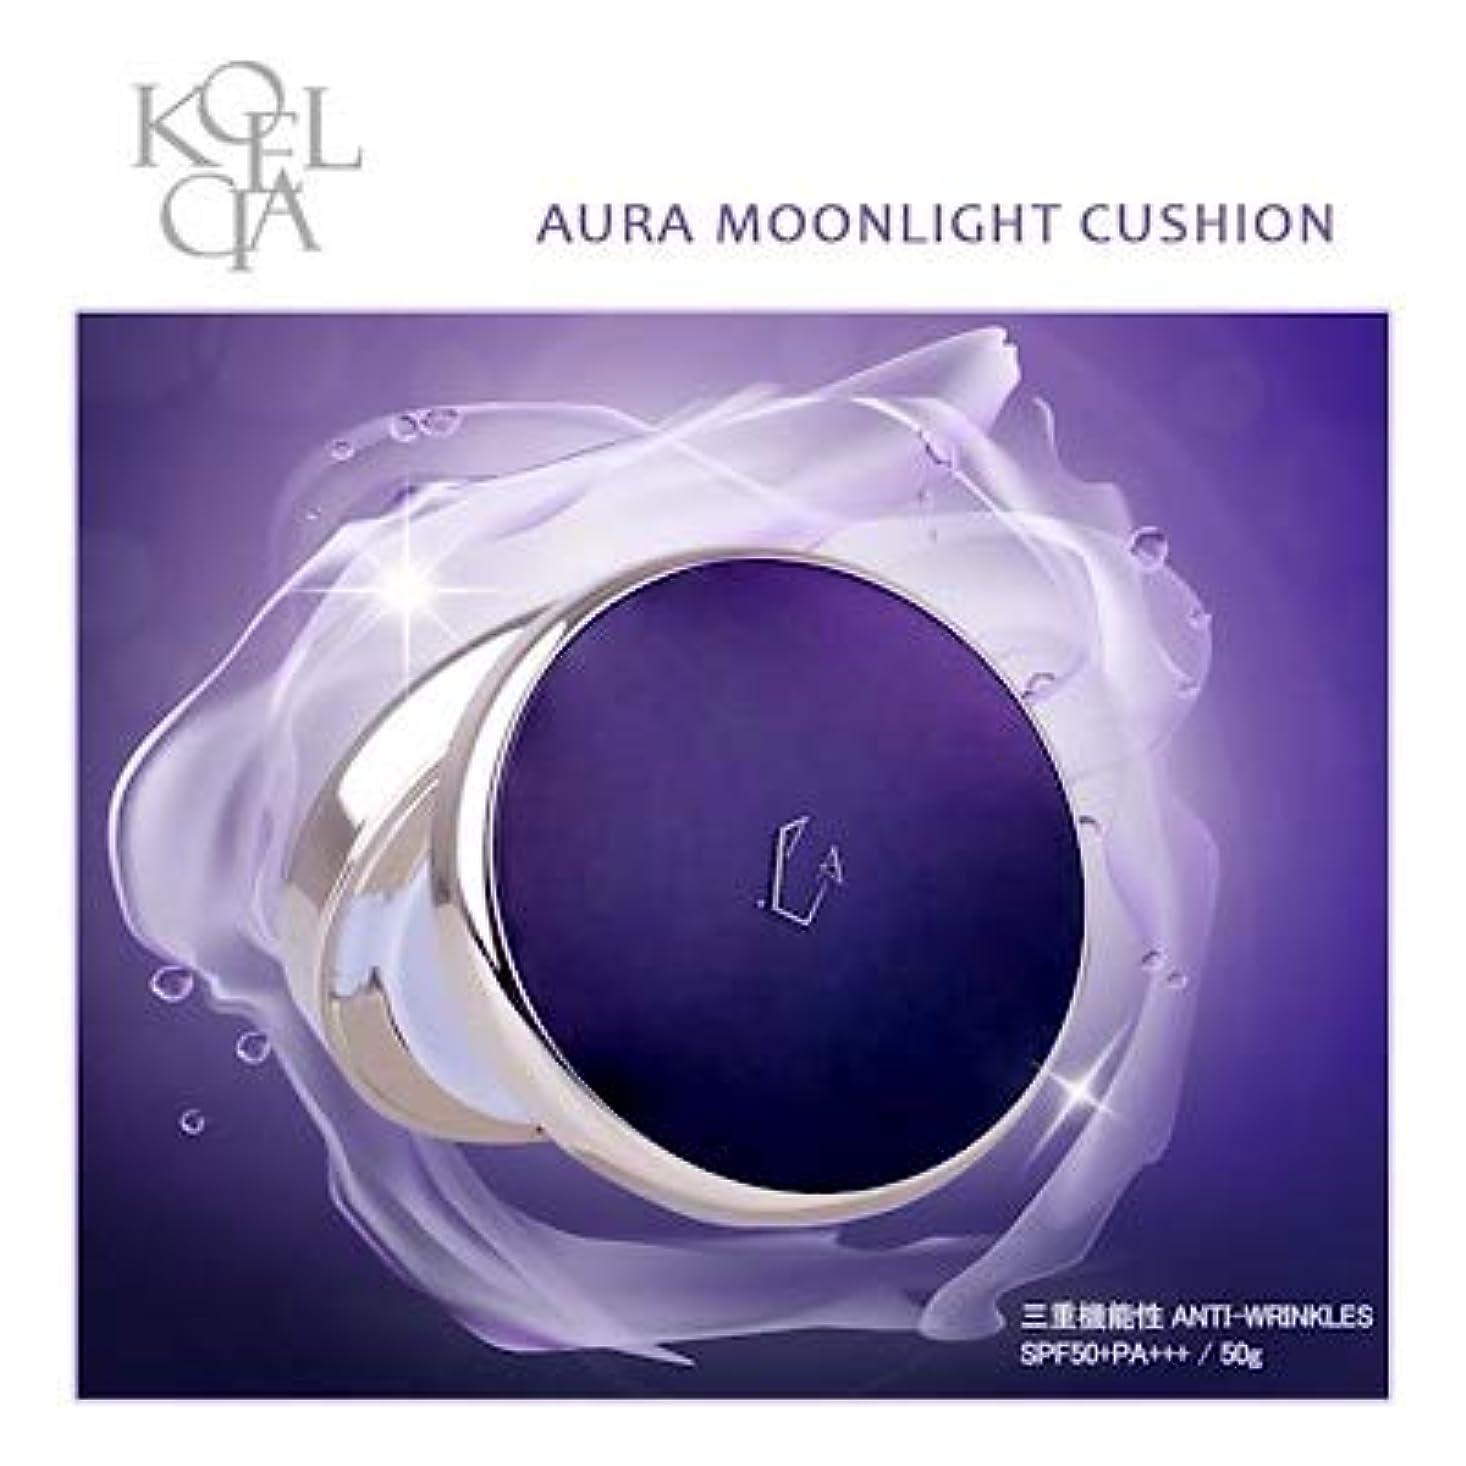 仕立て屋崇拝します温度KOELCIA Aura Moonlight Cushion 14g No.21(Light Beige) クッション 三重機能性Anti-Wrinkles(SPF50+PA+++ / 14g)完全新商品!!/Korea...